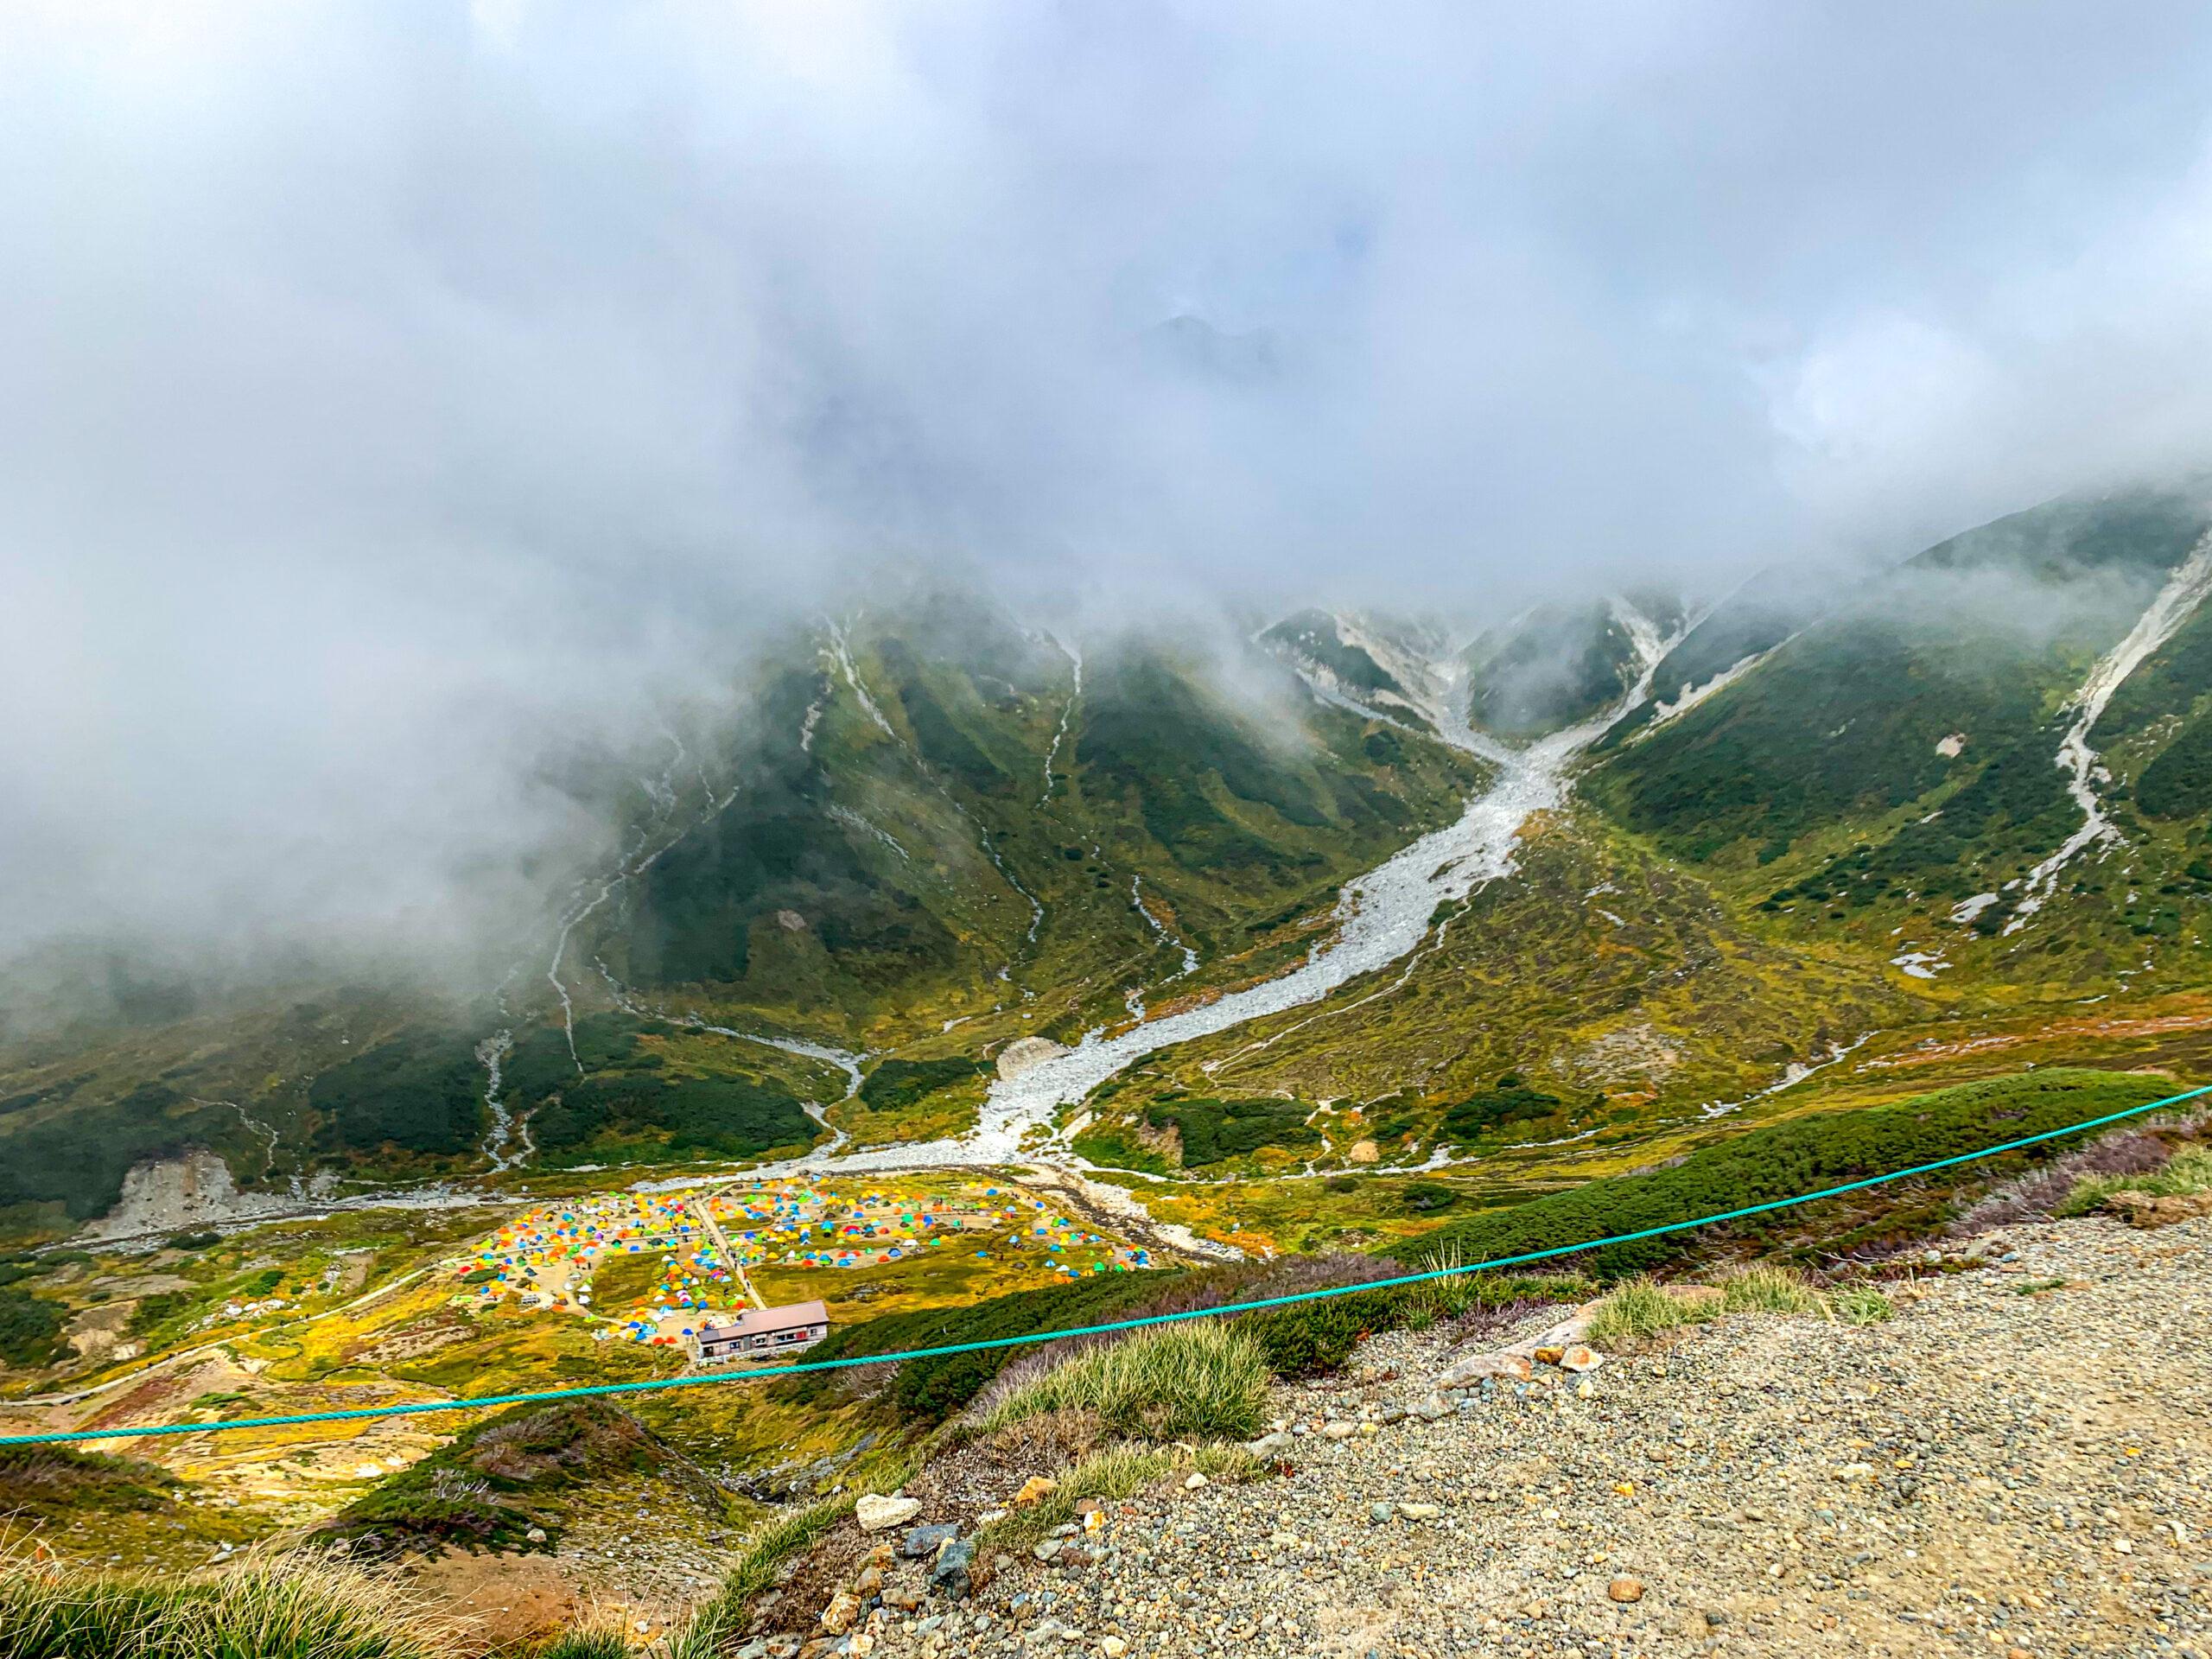 立山にある数々の山頂へ向かうハイカー達のベースキャンプ!富山県の雷鳥沢キャンプ場への行き方!